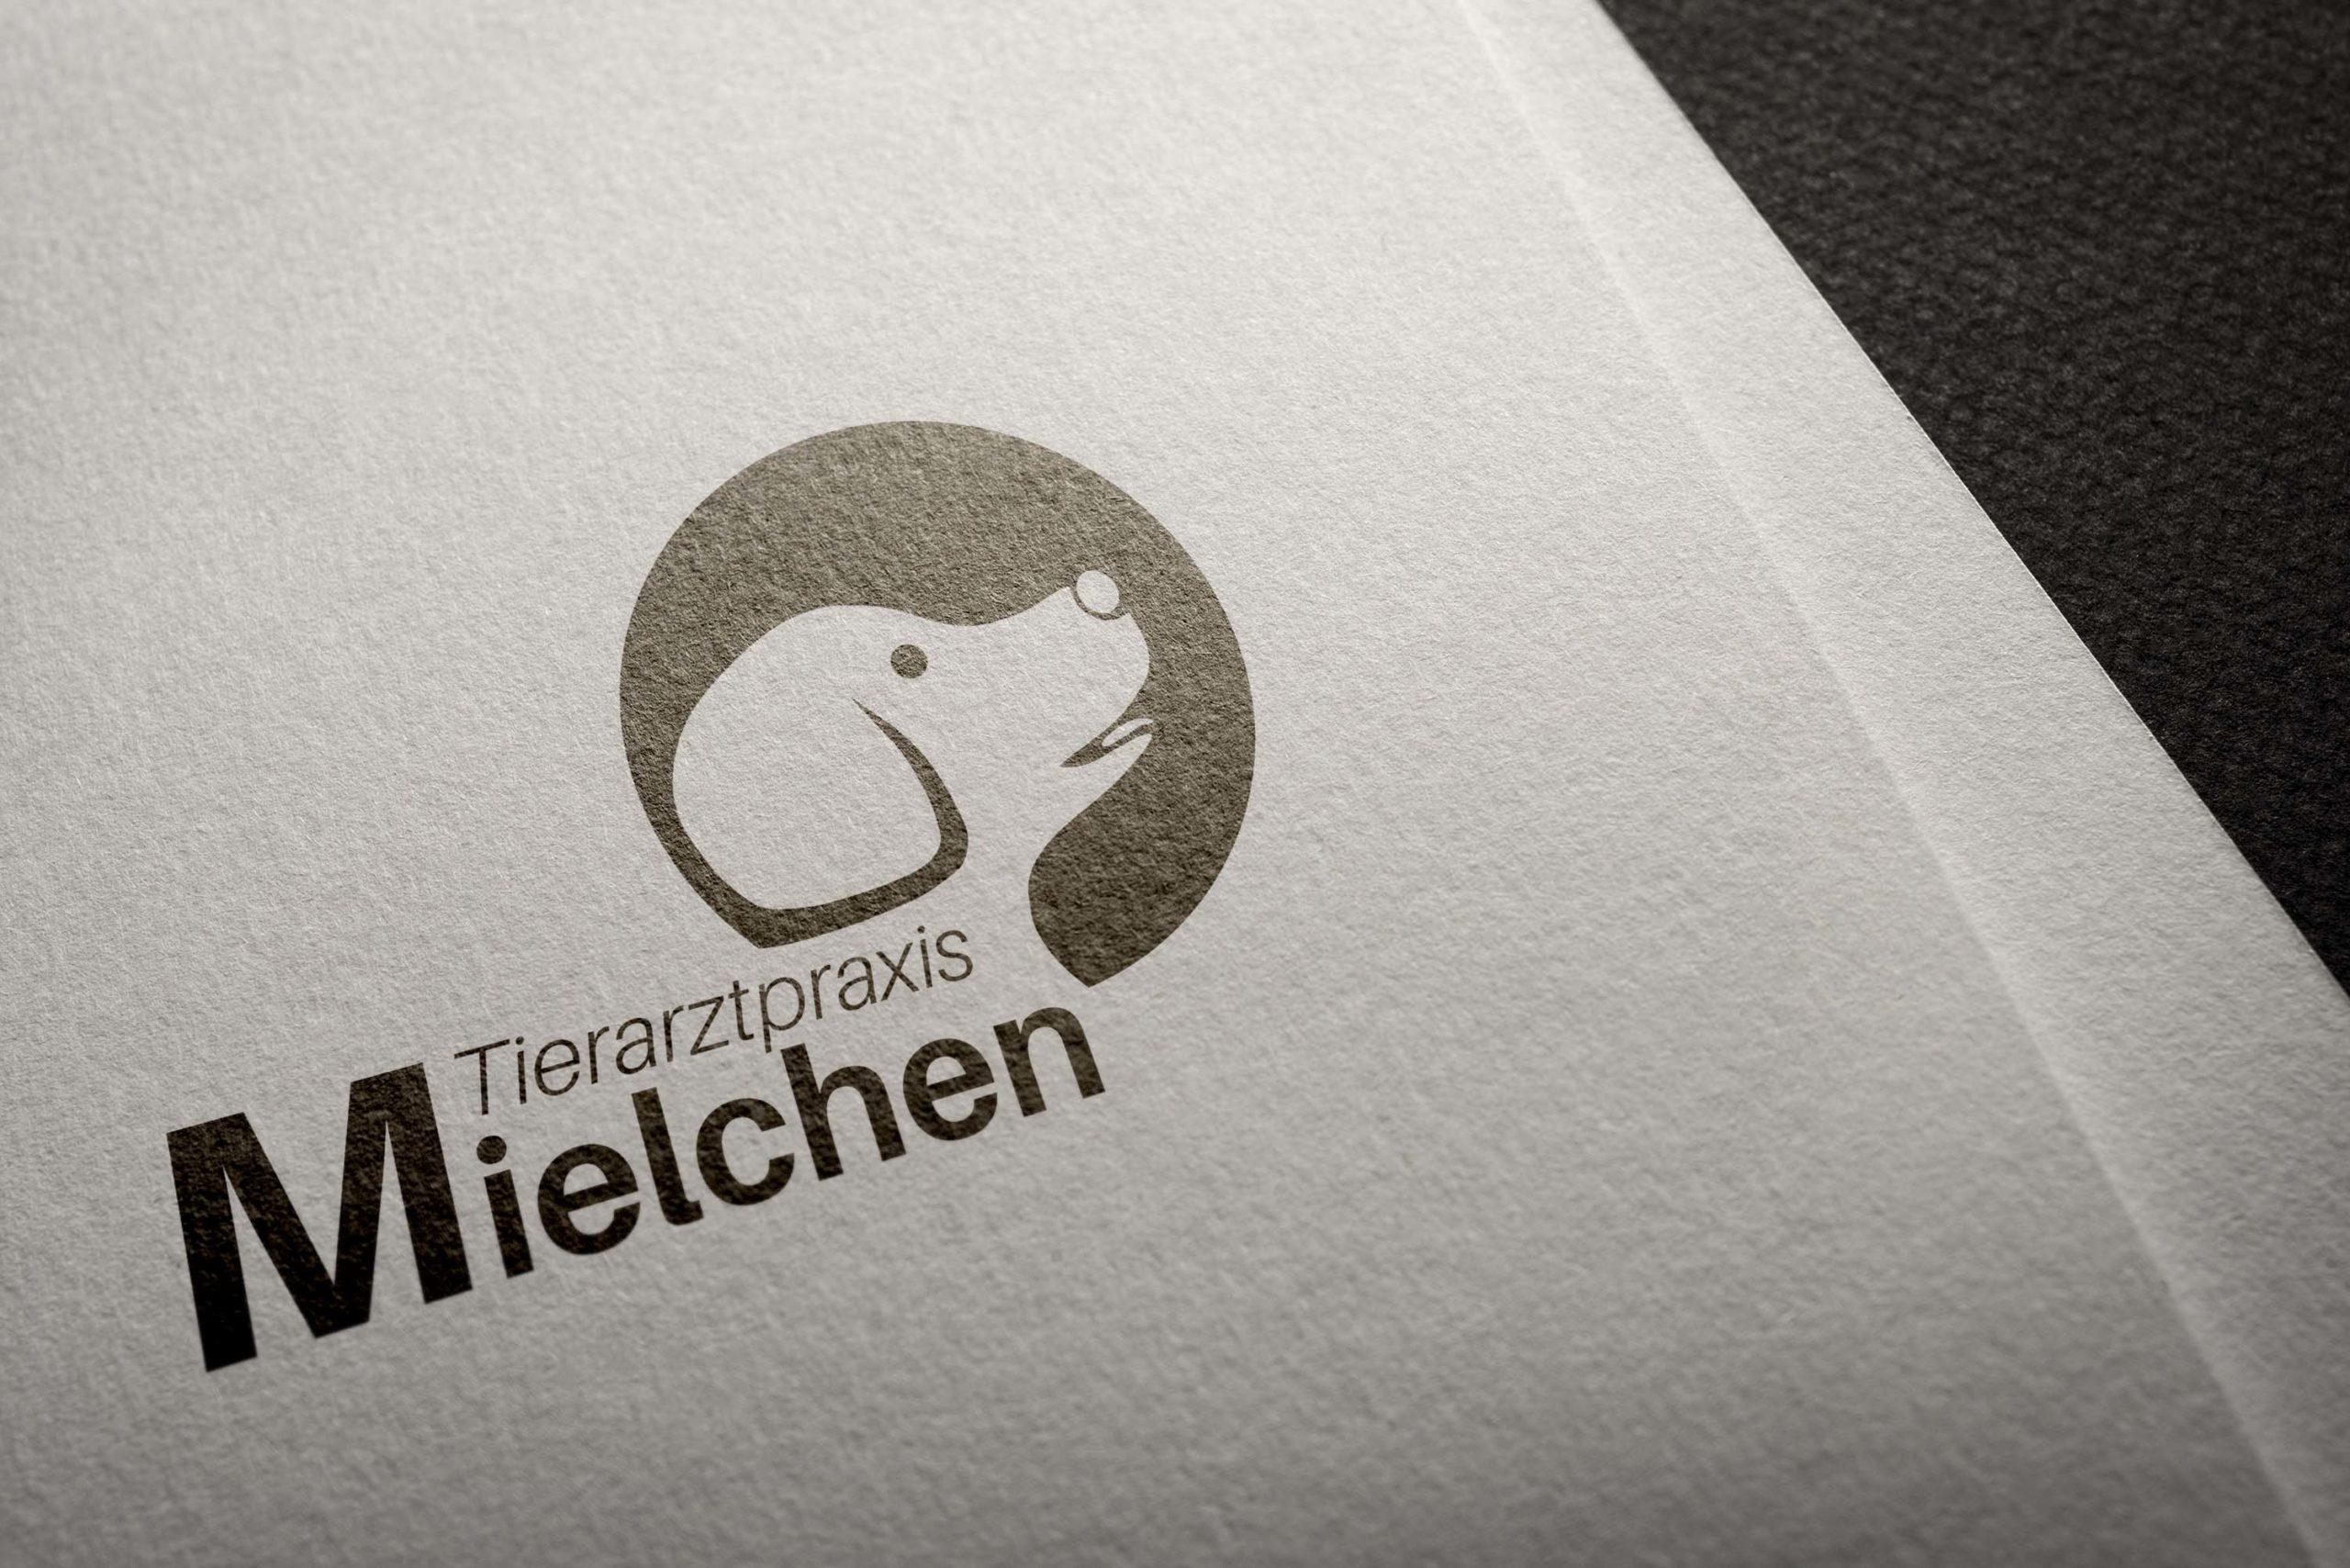 Logodesign Tierarztpraxis Mielchen